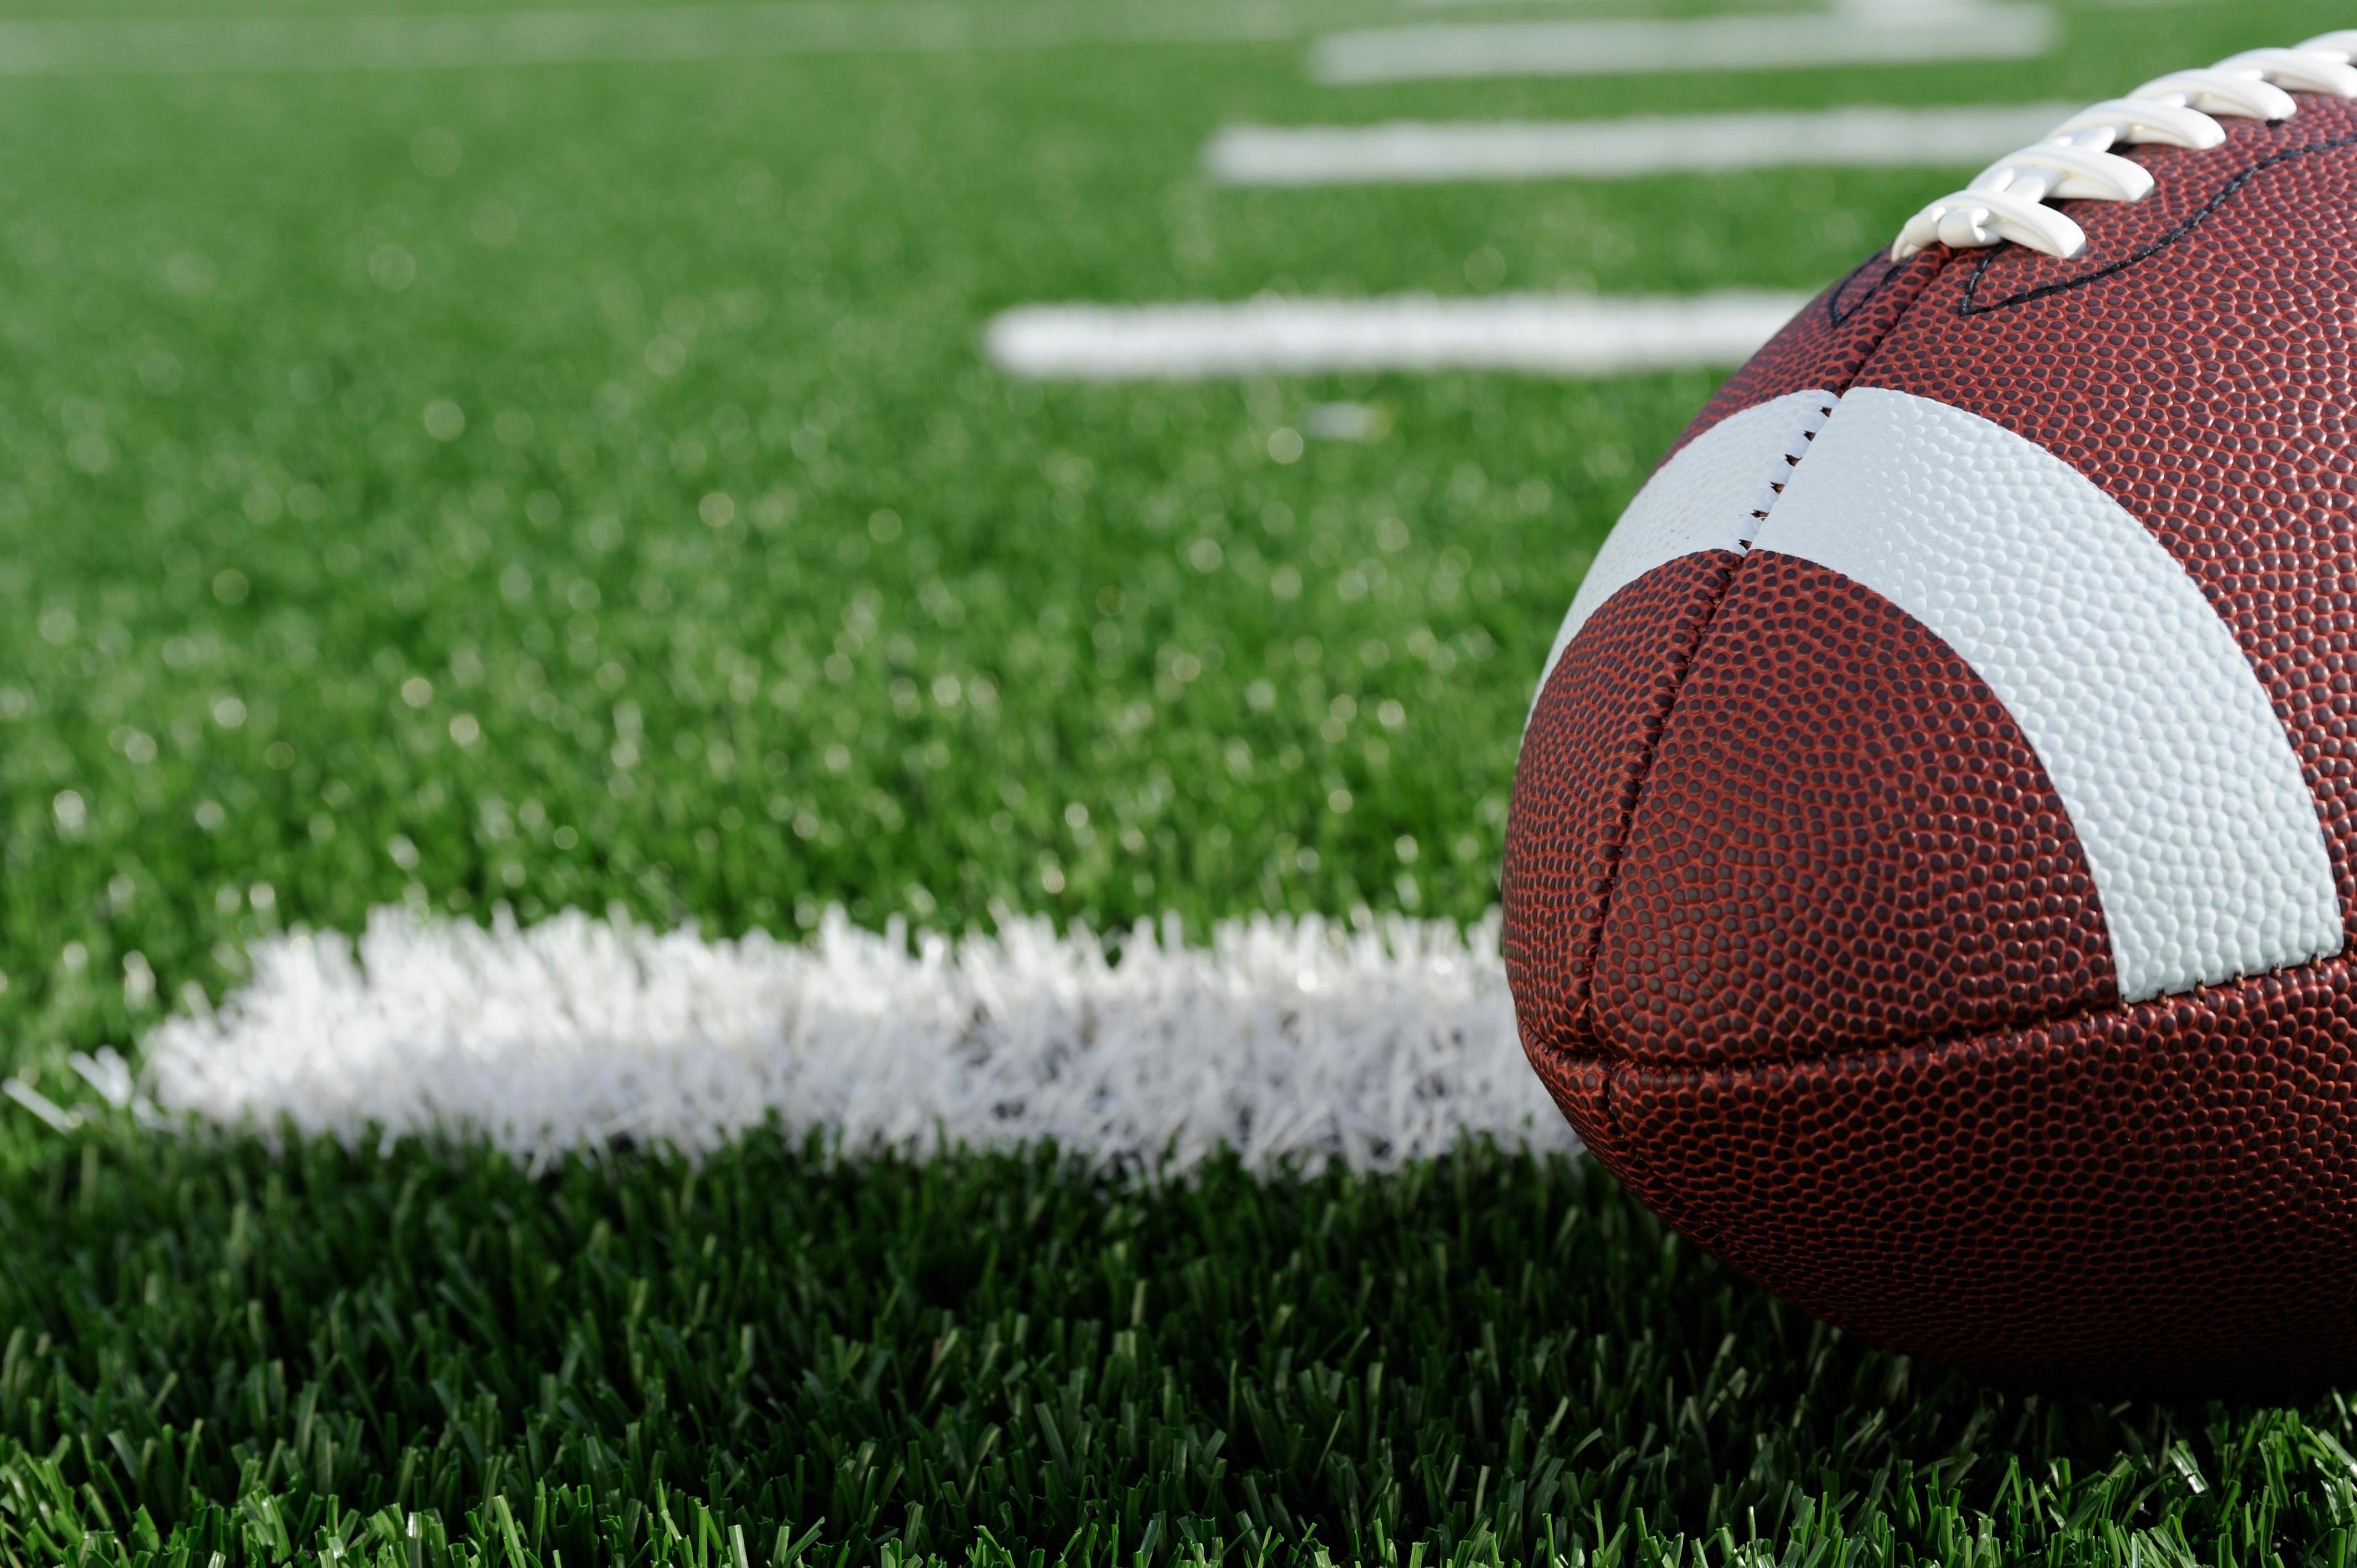 Football on artificial grass